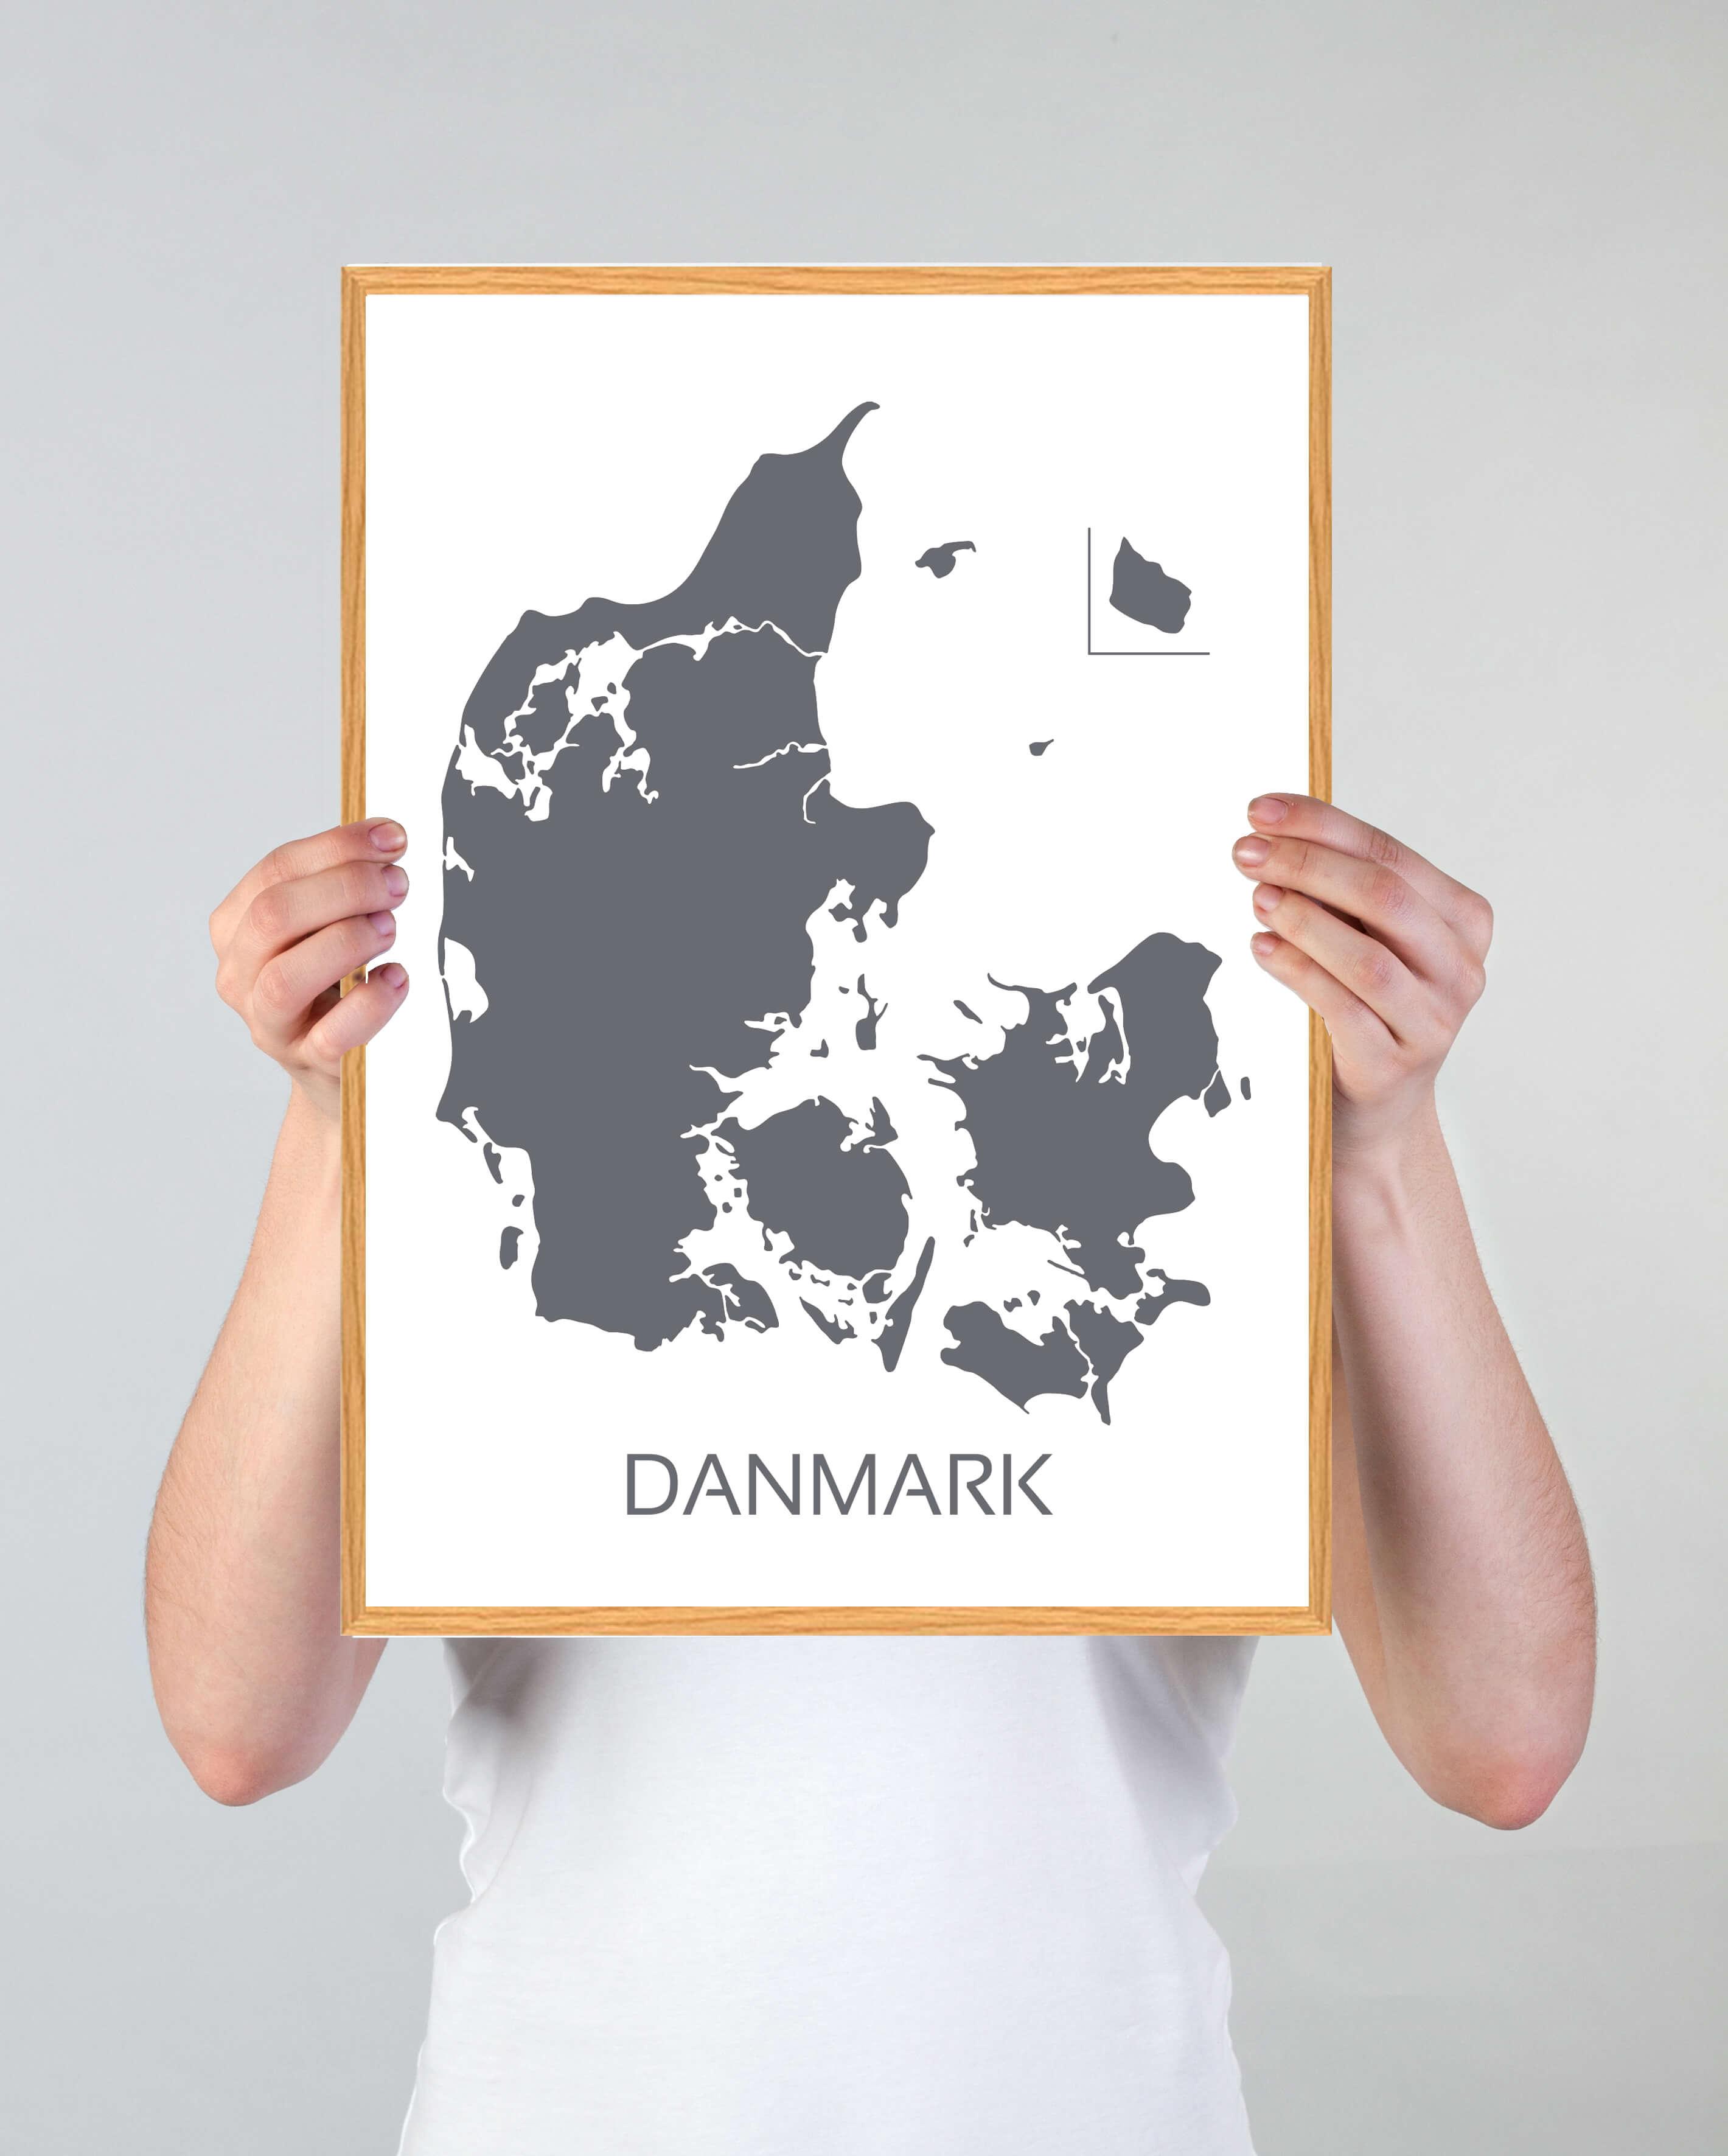 dk-kort-graa